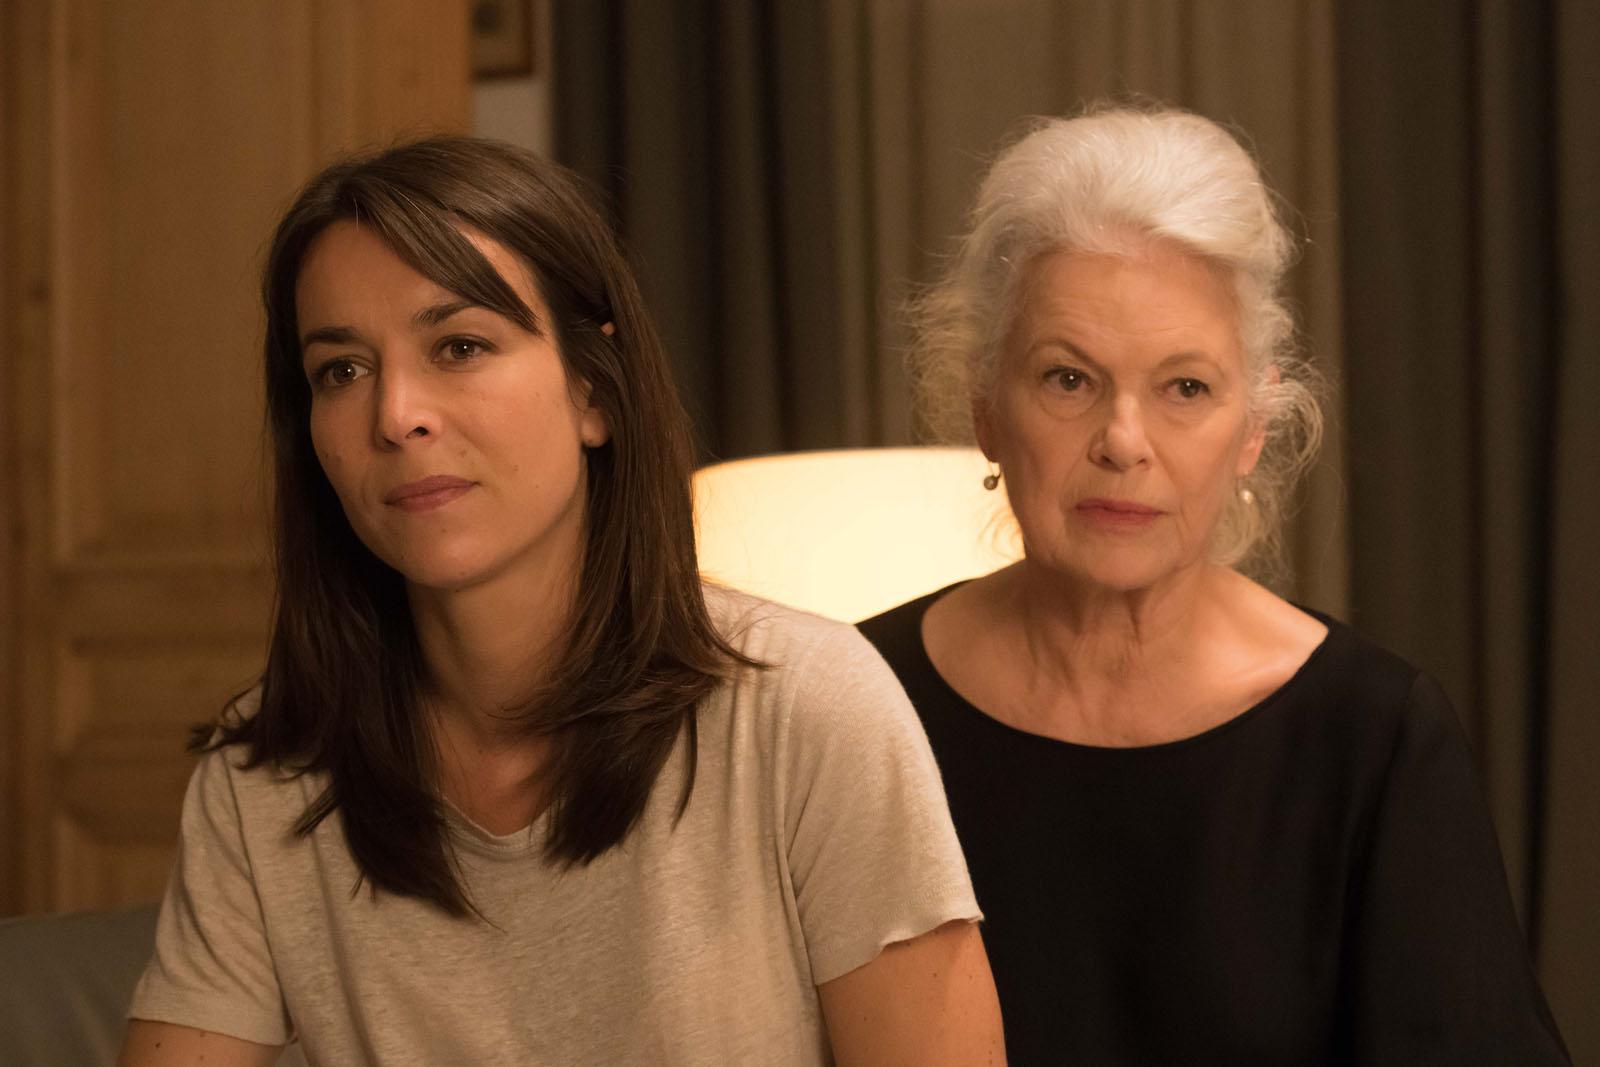 La Dernière Vague : Une nouvelle mini-série fantastique en tournage pour France 2 - Puremedias